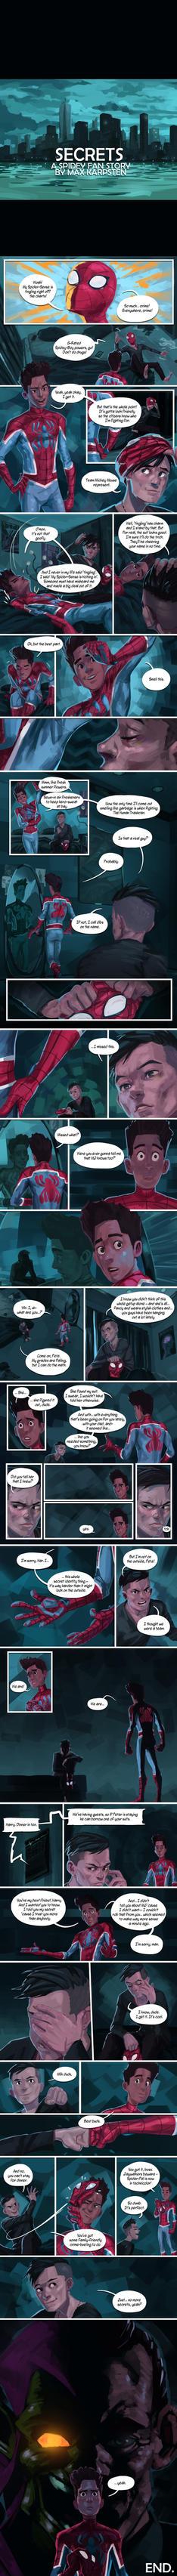 SECRETS - A Spidey Fan Story by Brakkenimation